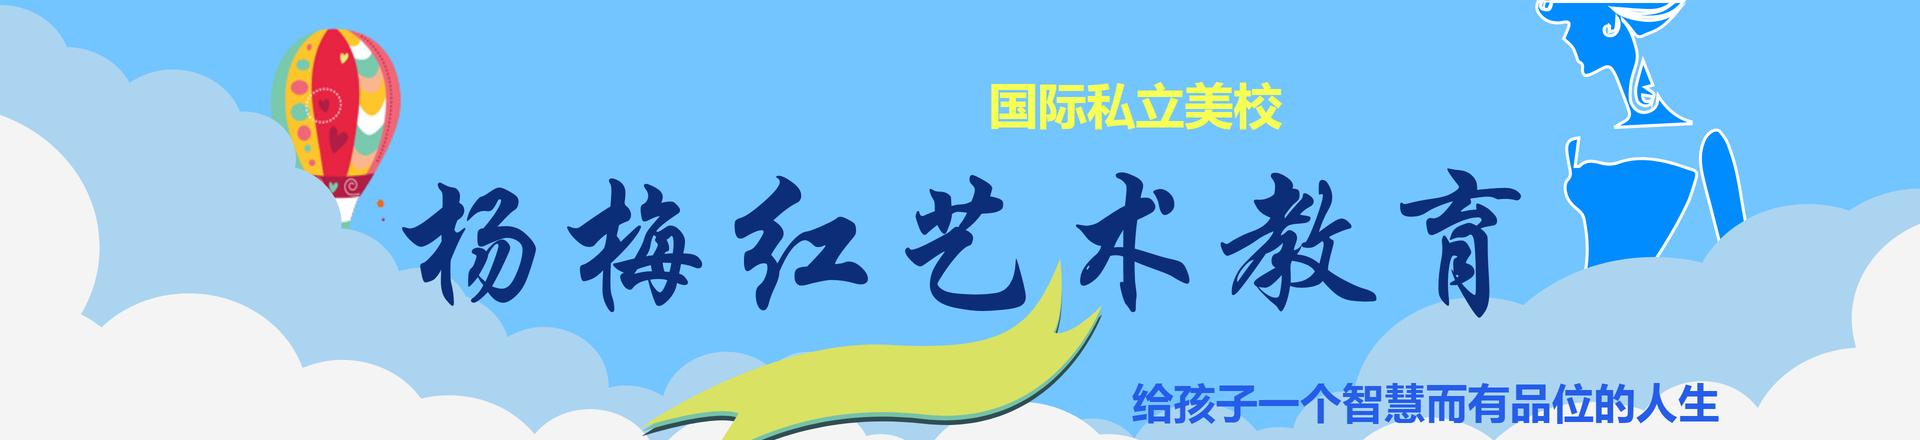 珠海印象城杨梅红国际私立美校